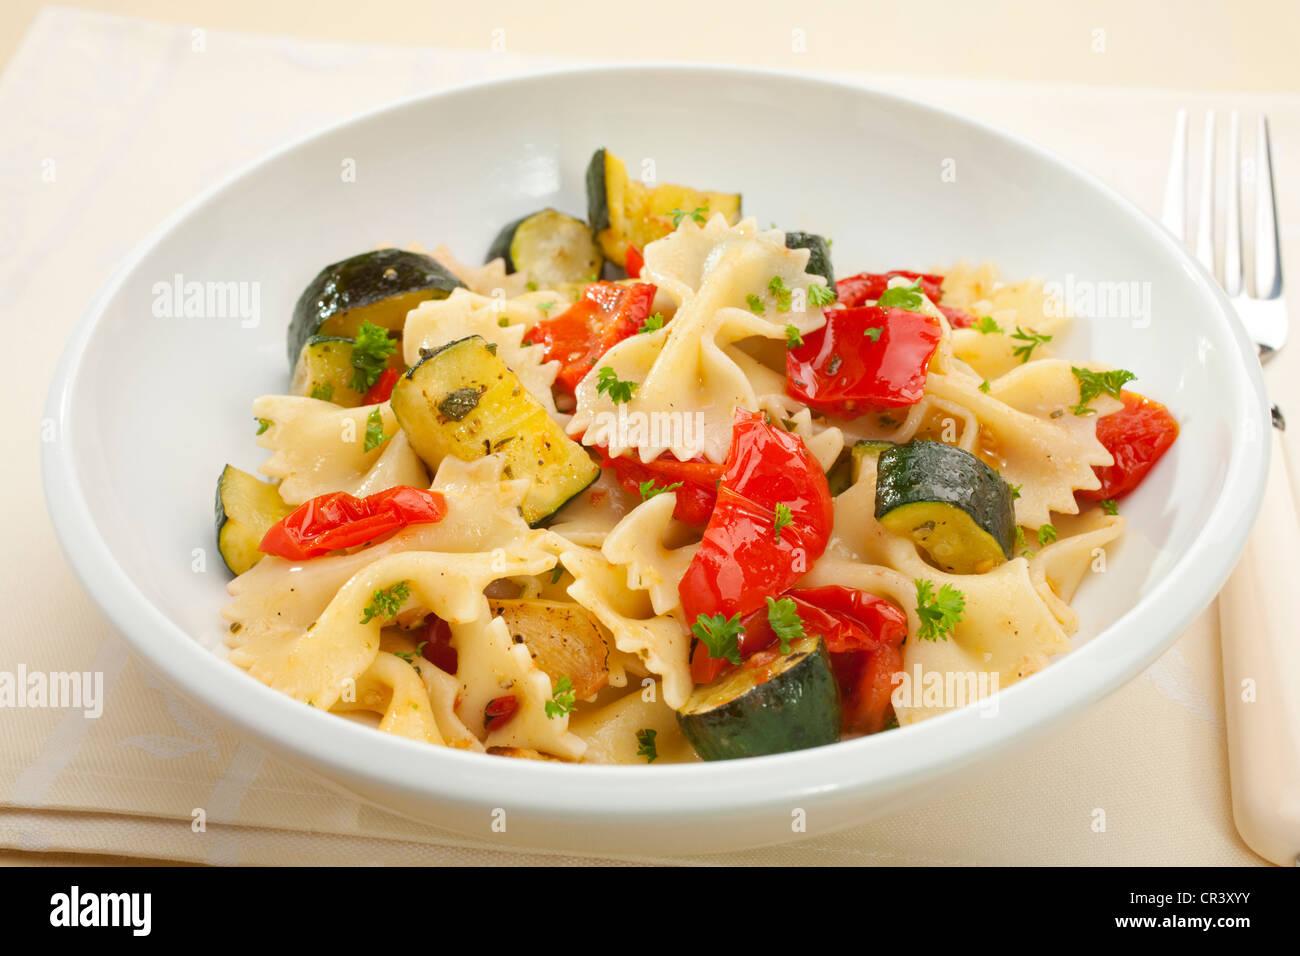 Eine Schüssel mit Nudeln Bögen oder Farfalle mit gebratene Zucchini oder Zucchini, Paprika und Tomaten Stockbild